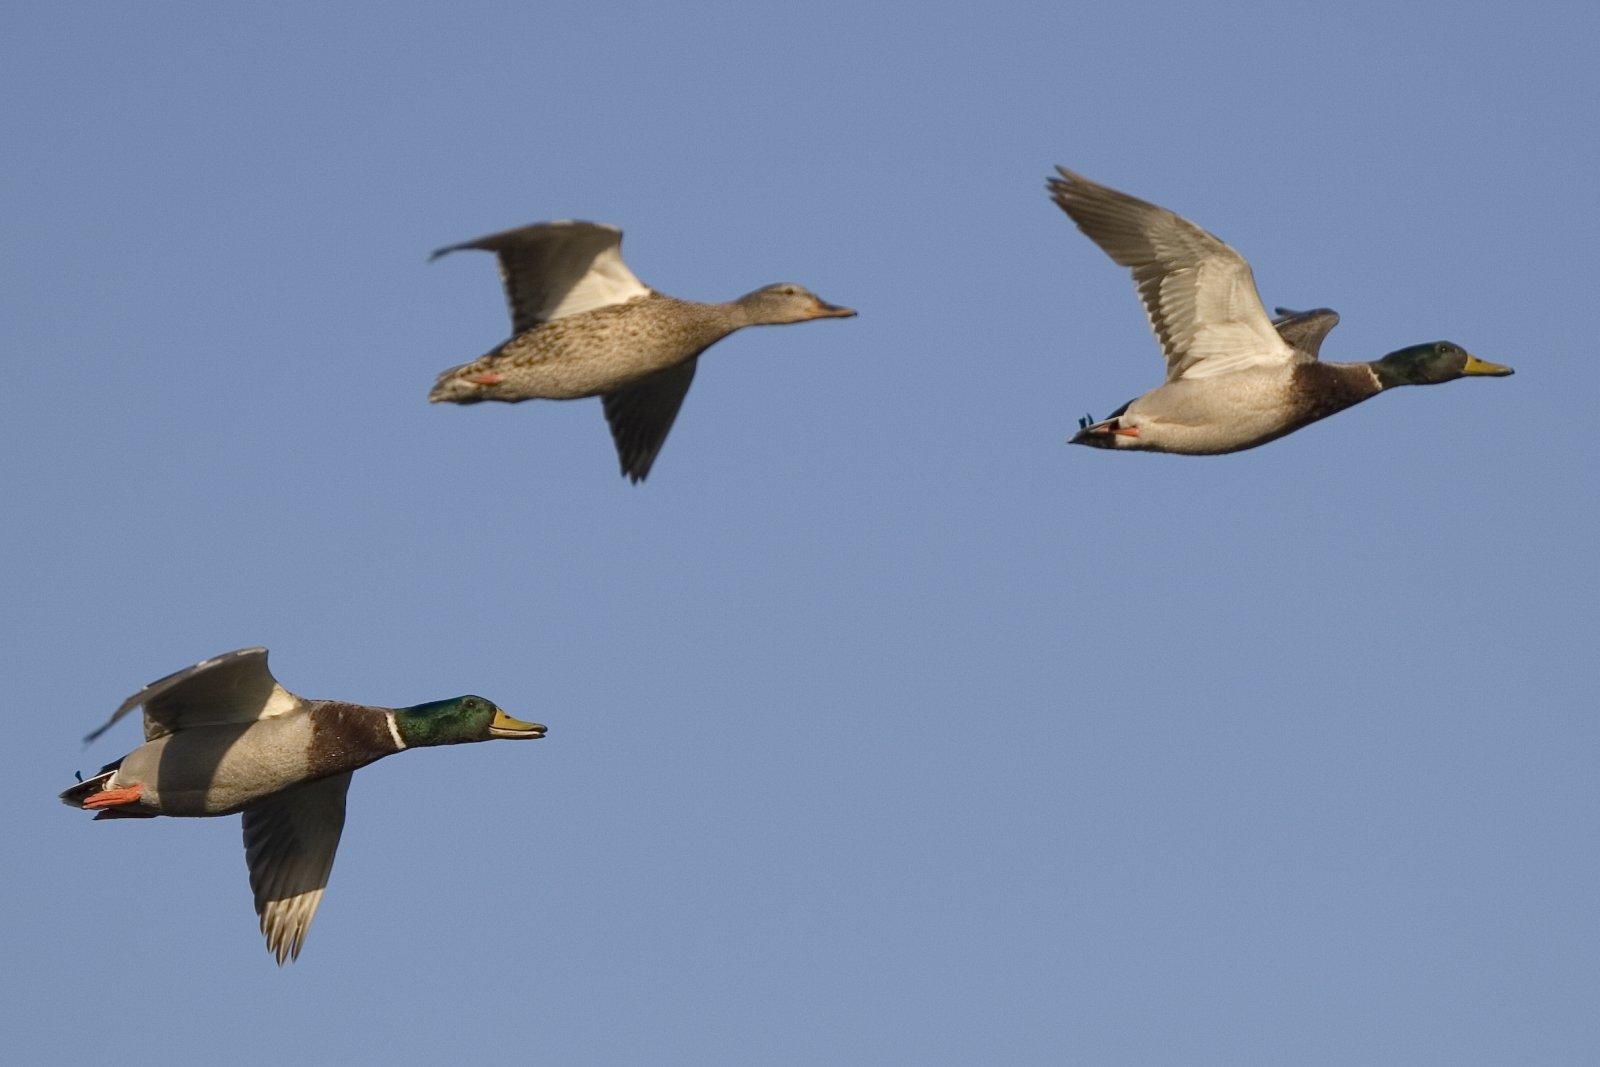 Mallard_Ducks_in_Flight_mallard-ducks-in-flight_1_(397189772).jpg